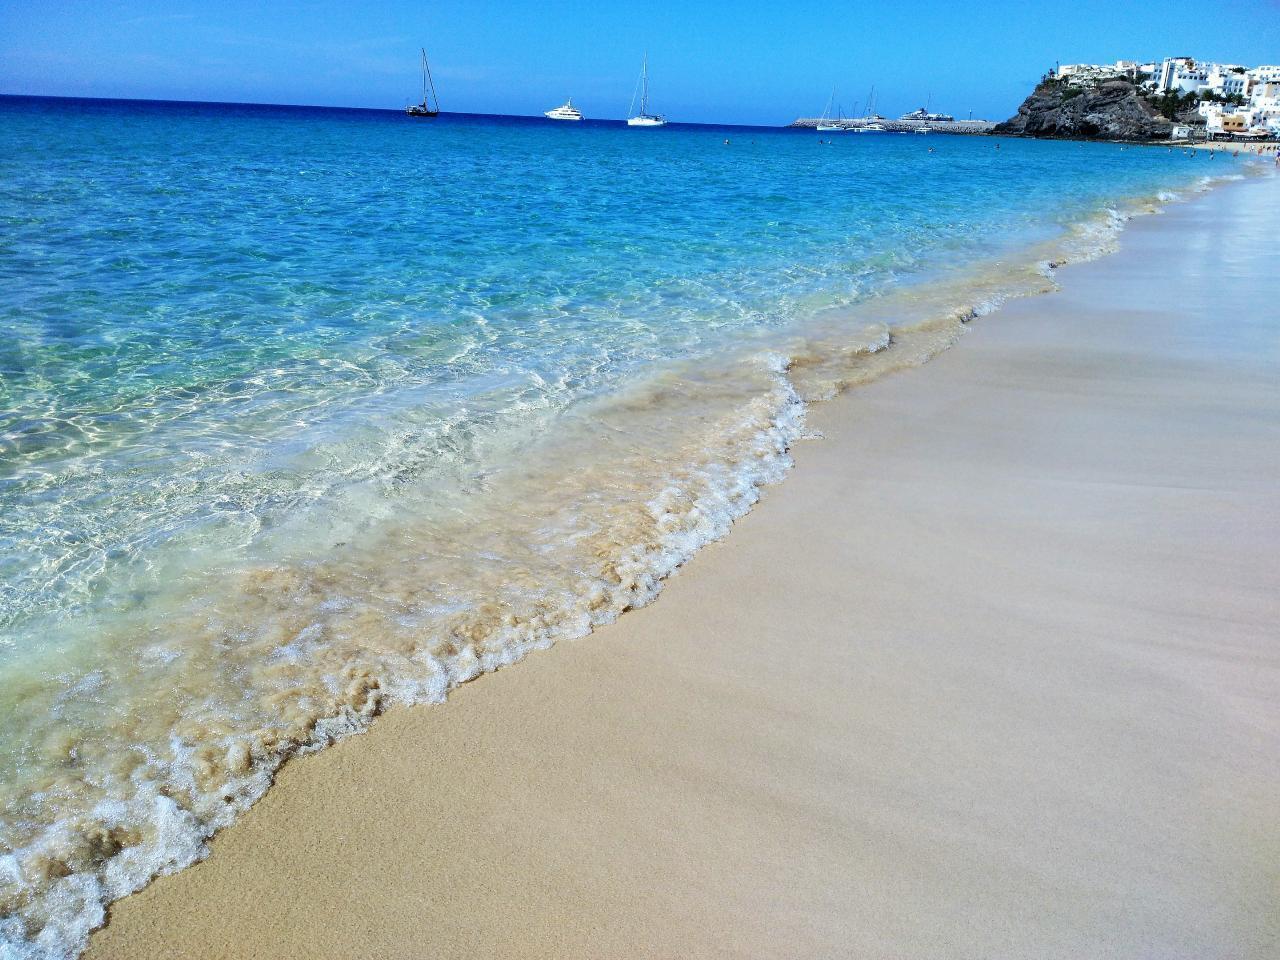 Ferienwohnung Apartment 2 / 4p am Strand und mit allen Dienstleistungen, mit Meerblick, Swimmingpools, a (487787), Morro Jable, Fuerteventura, Kanarische Inseln, Spanien, Bild 24